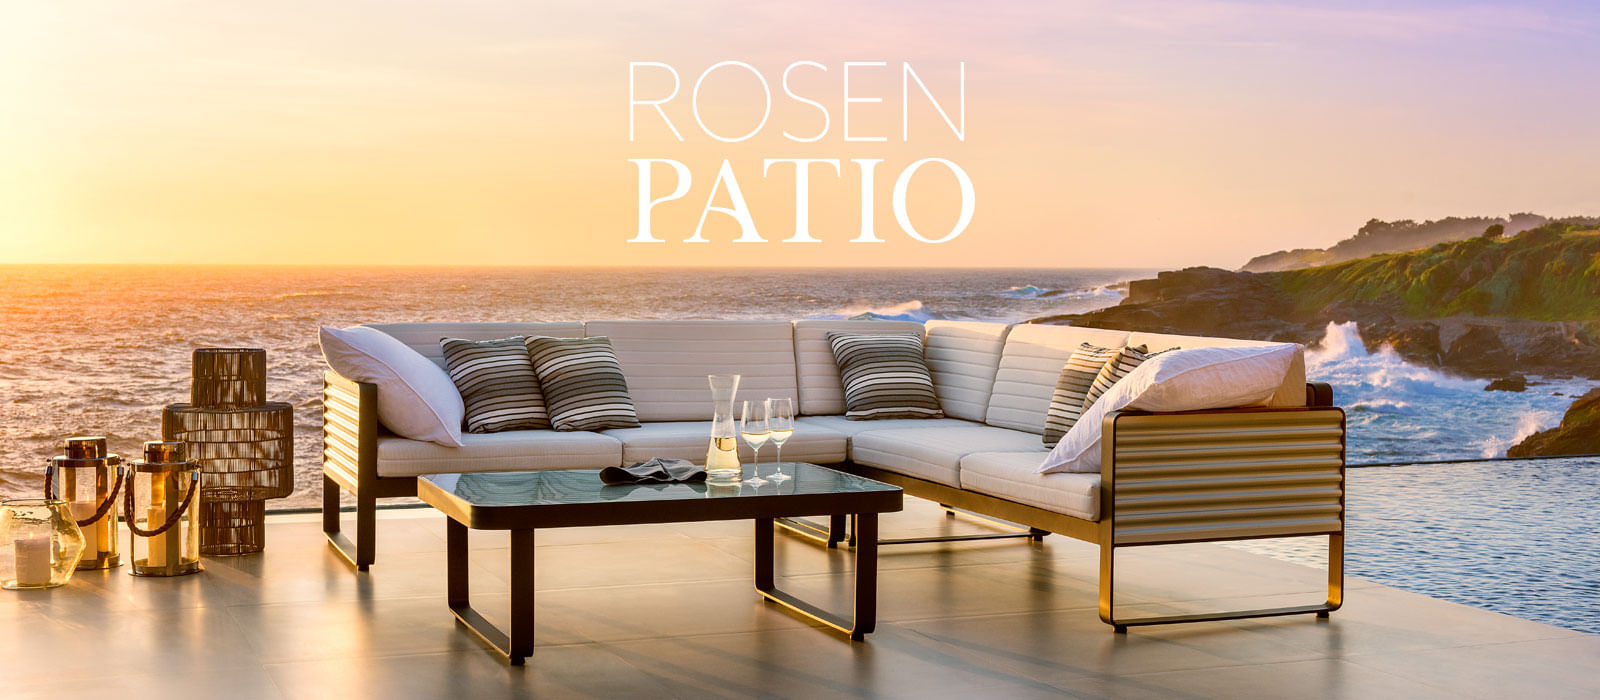 Muebles de terraza rosen per - Muebles de patio ...